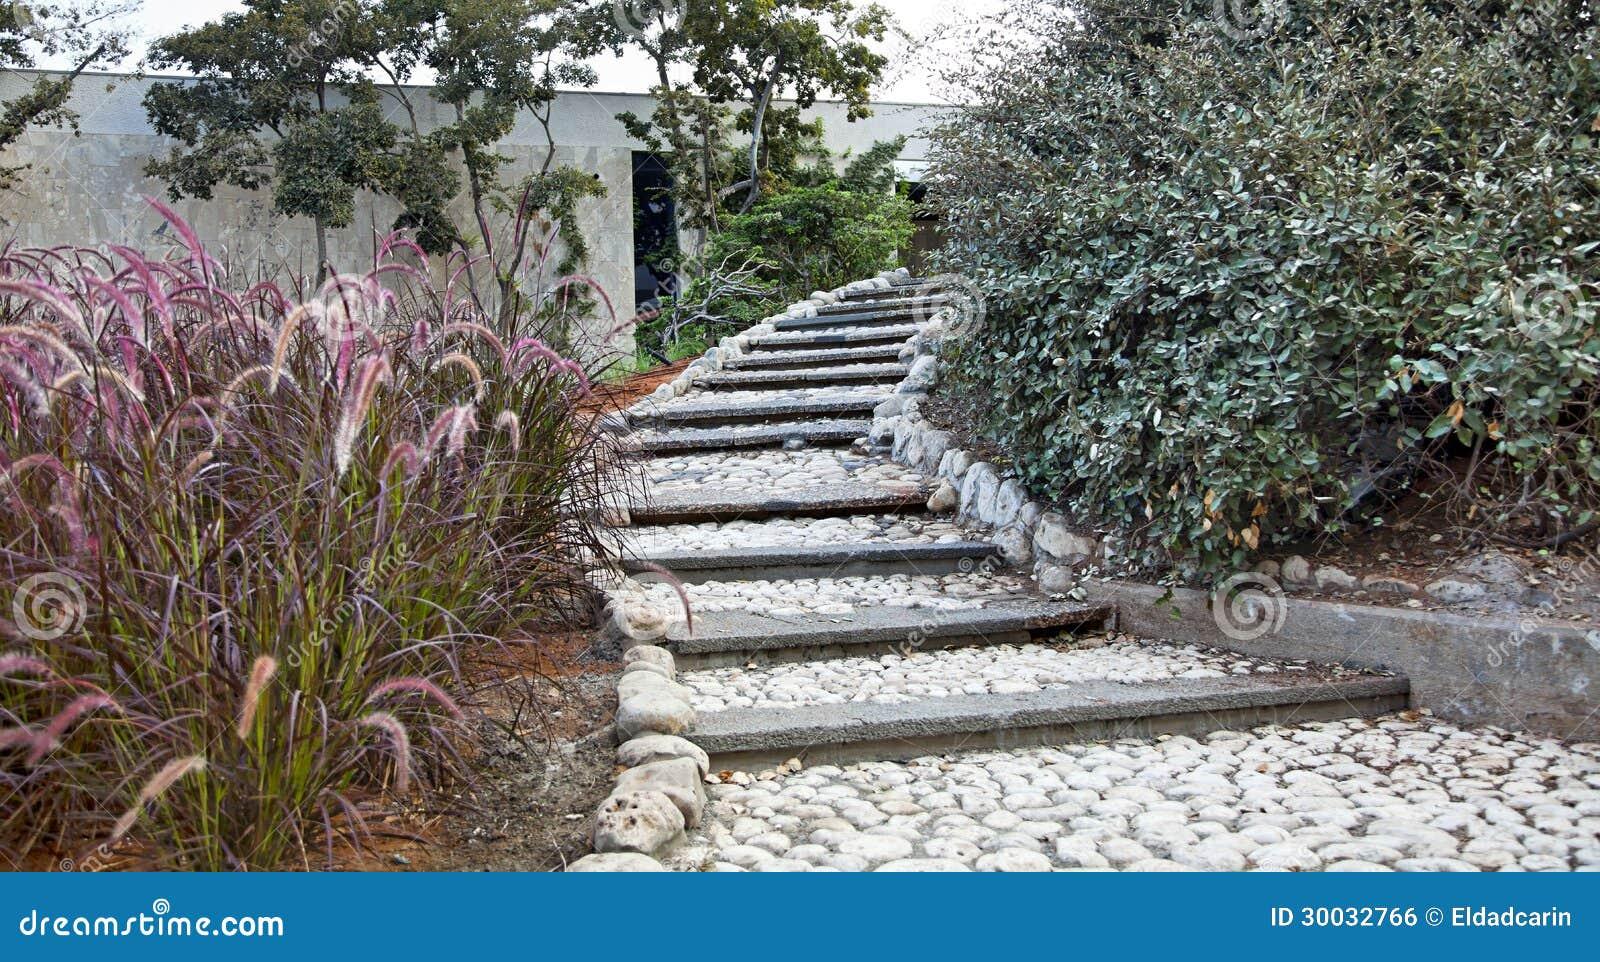 Escalier pastoral dans le jardin urbain image libre de droits image 30032766 for Escalier dans un jardin